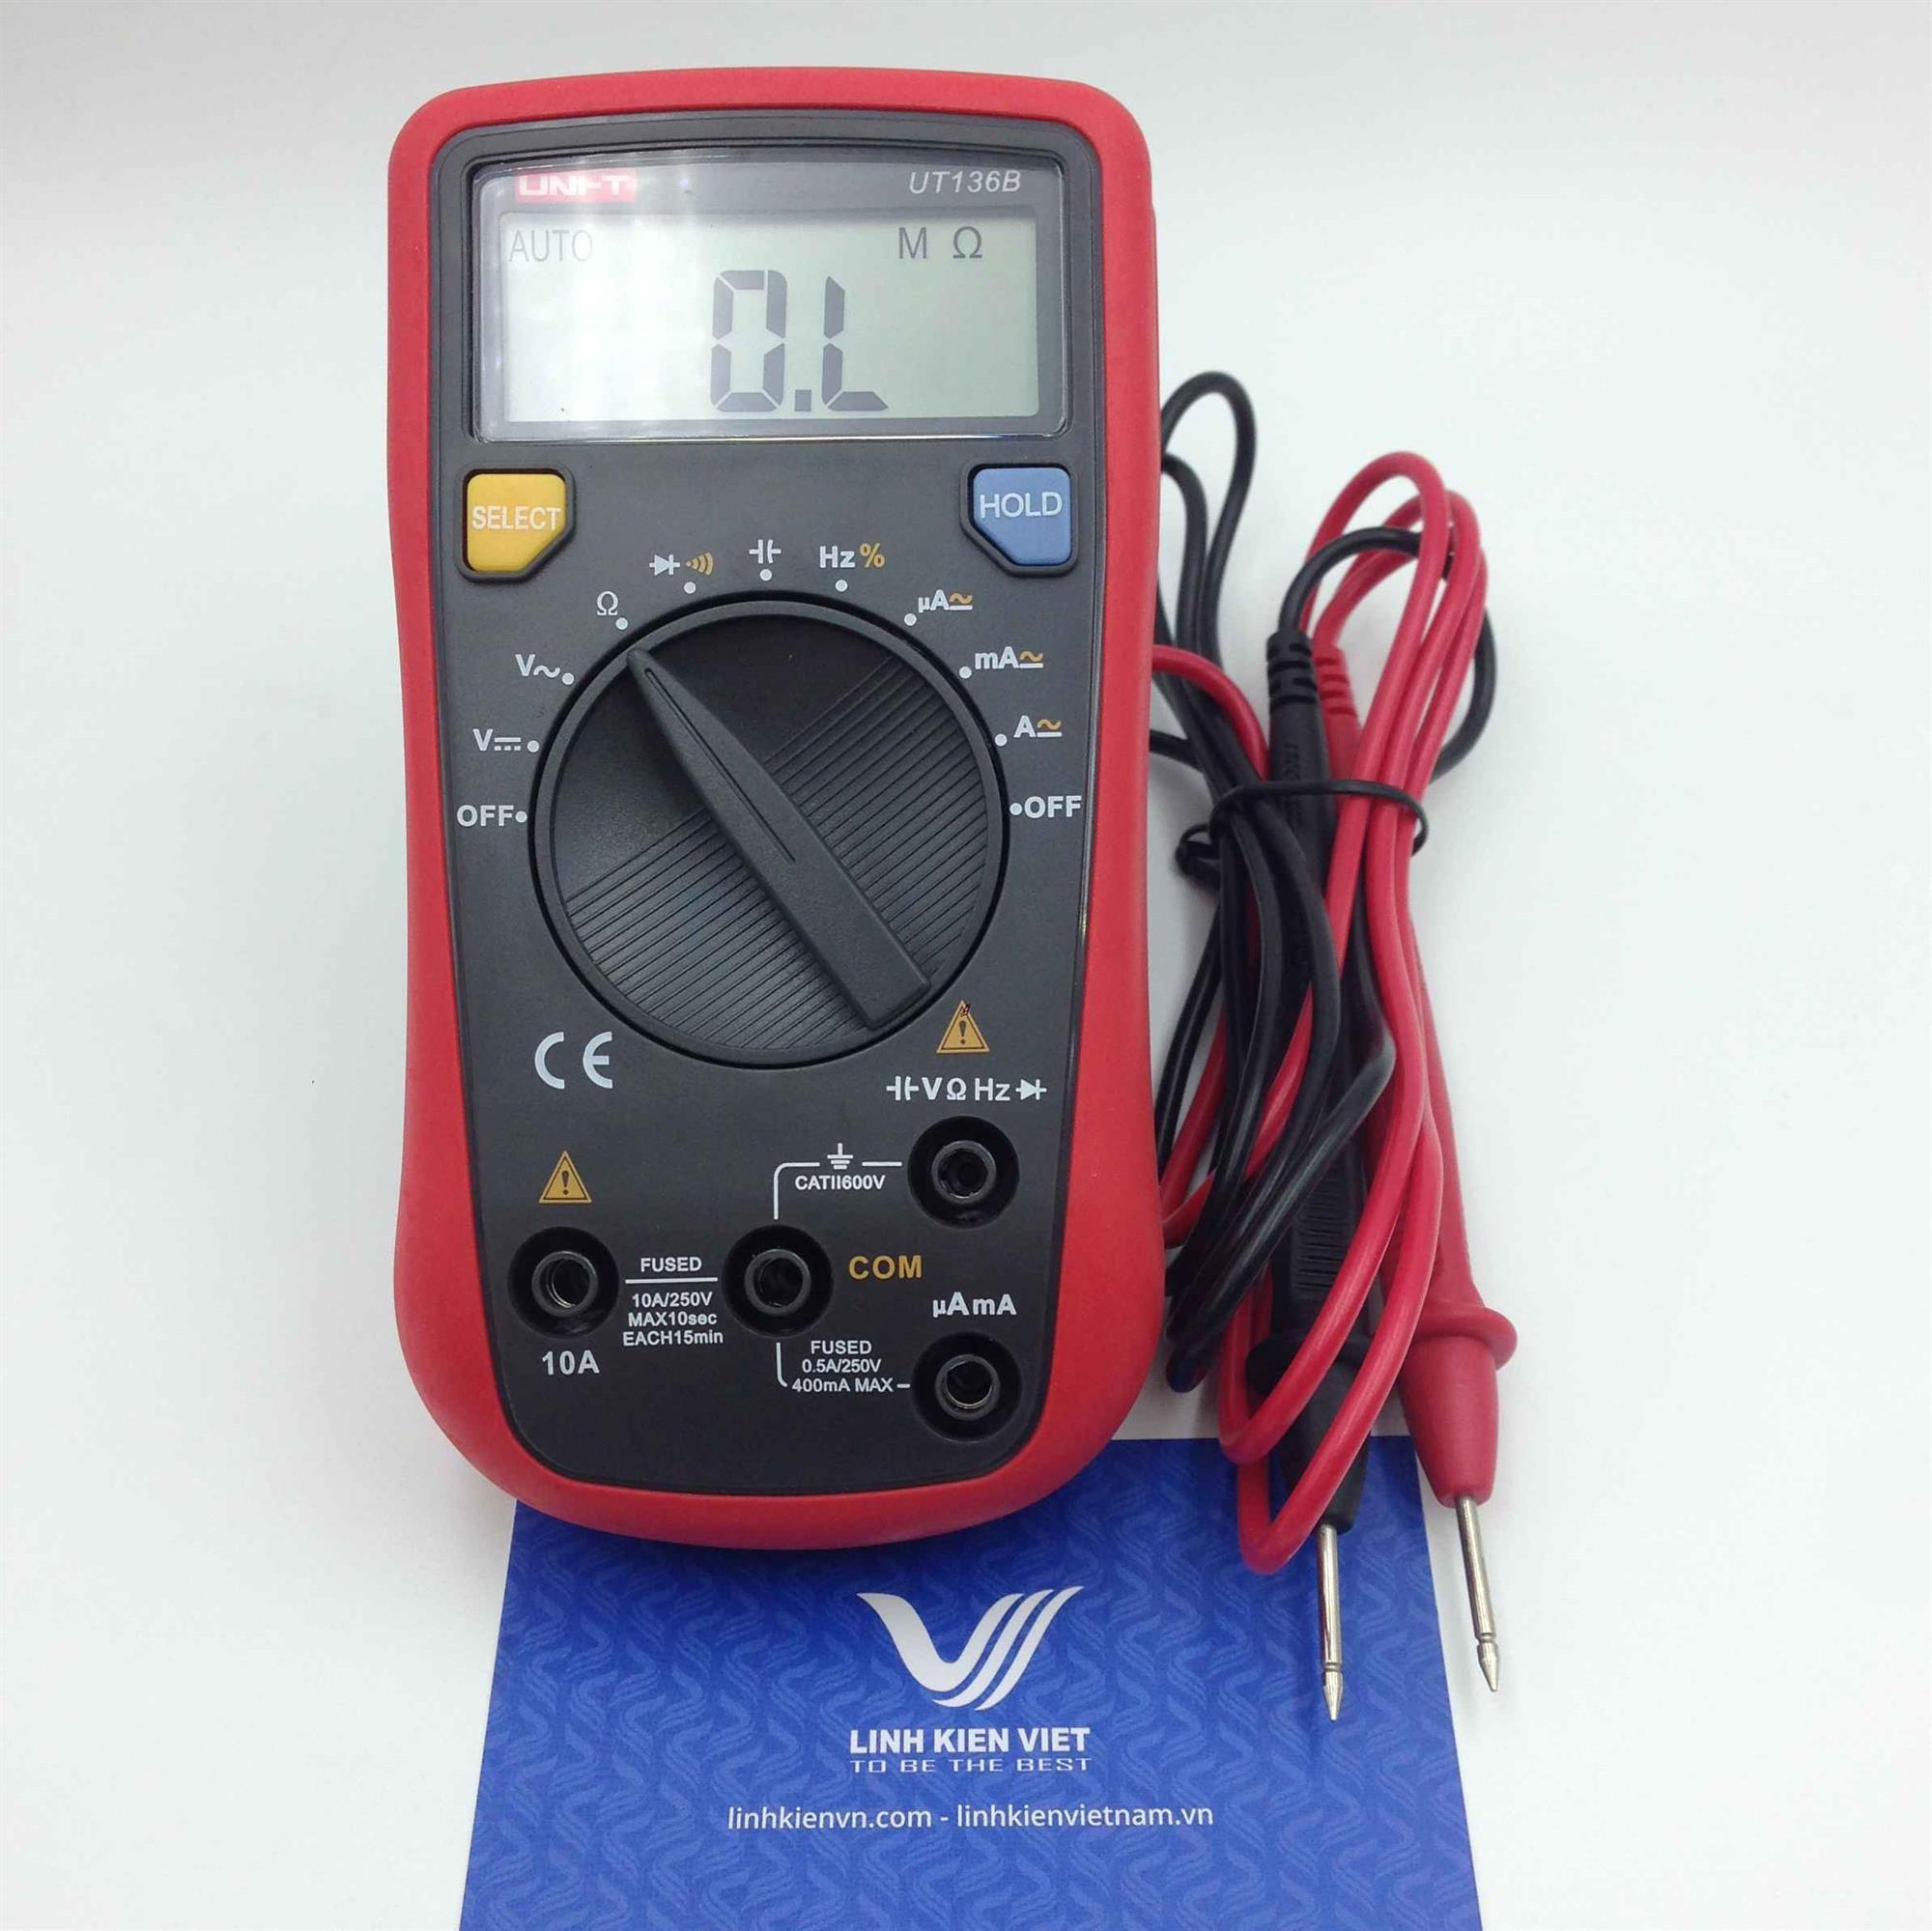 Đồng hồ vạn năng Uni-T UT136B dải tự động